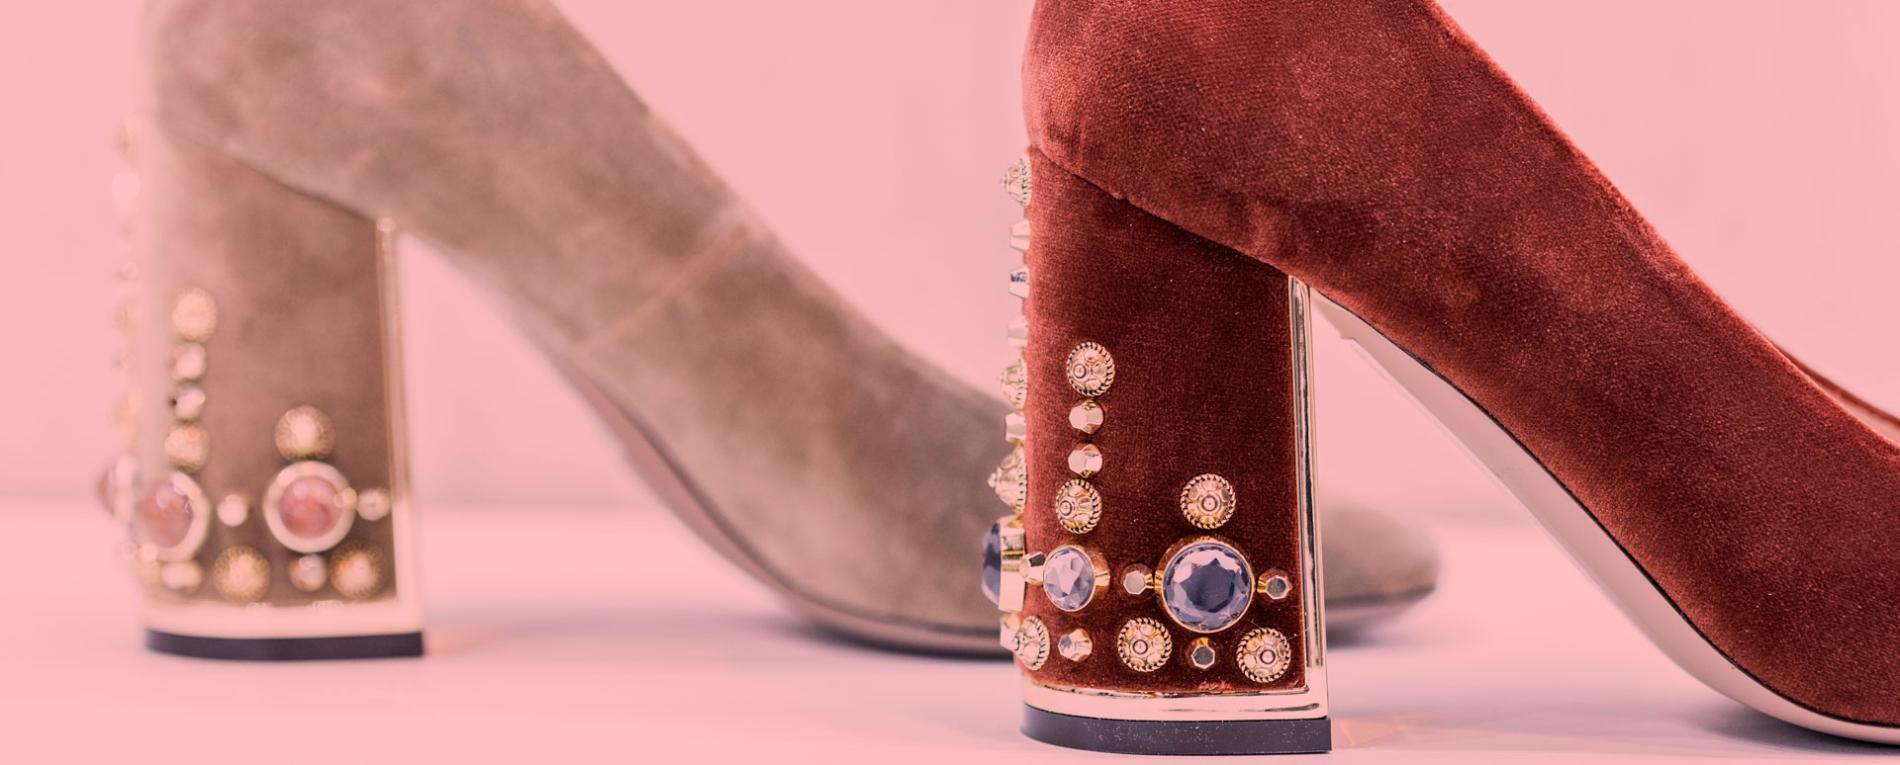 Zapatos de tacón en colores marrones